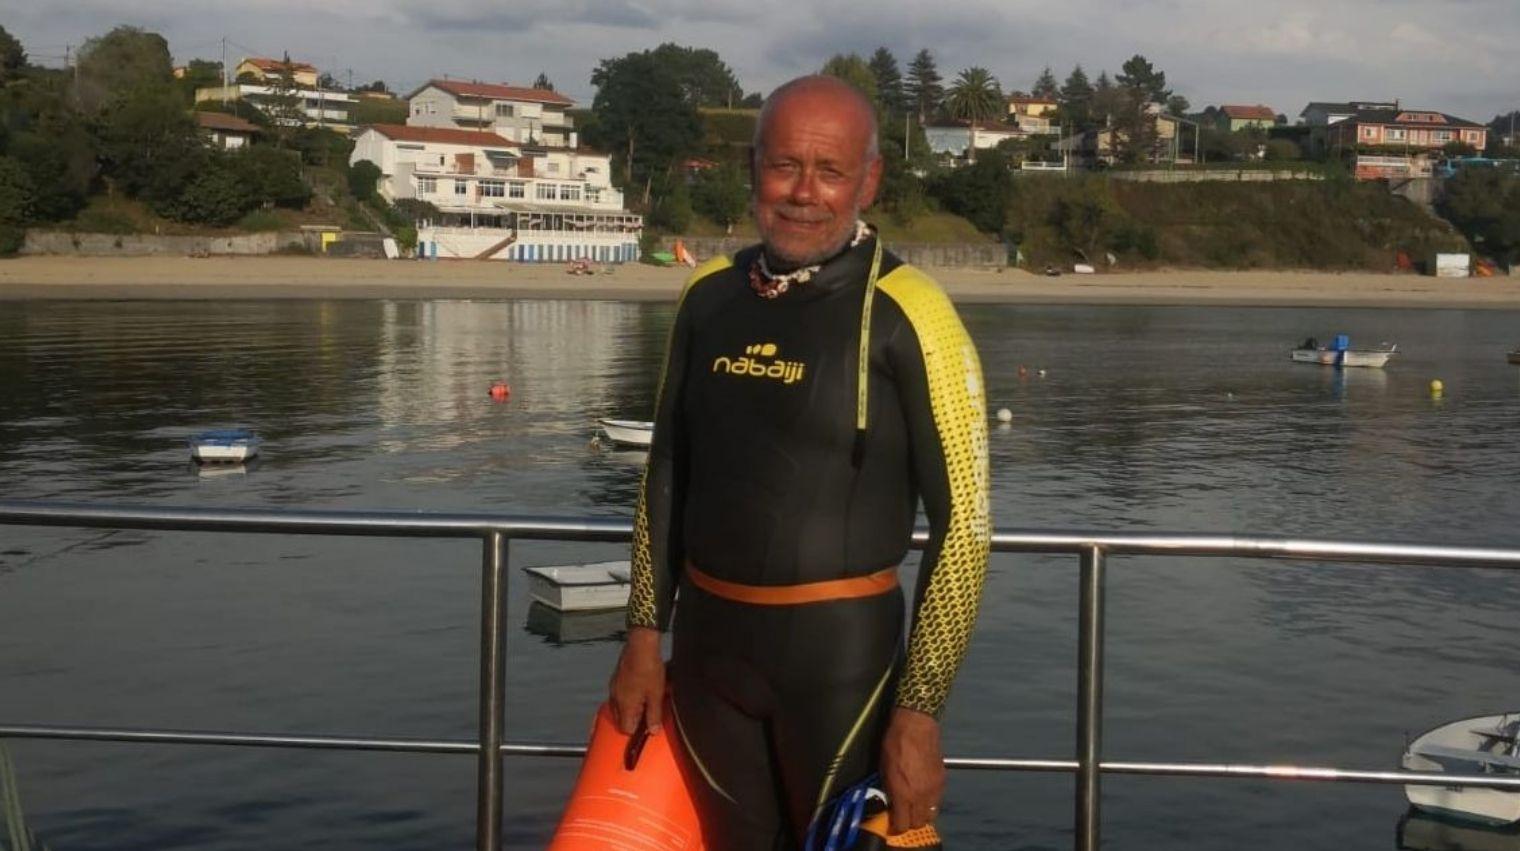 La travesía a nado de Pepe Nogueira